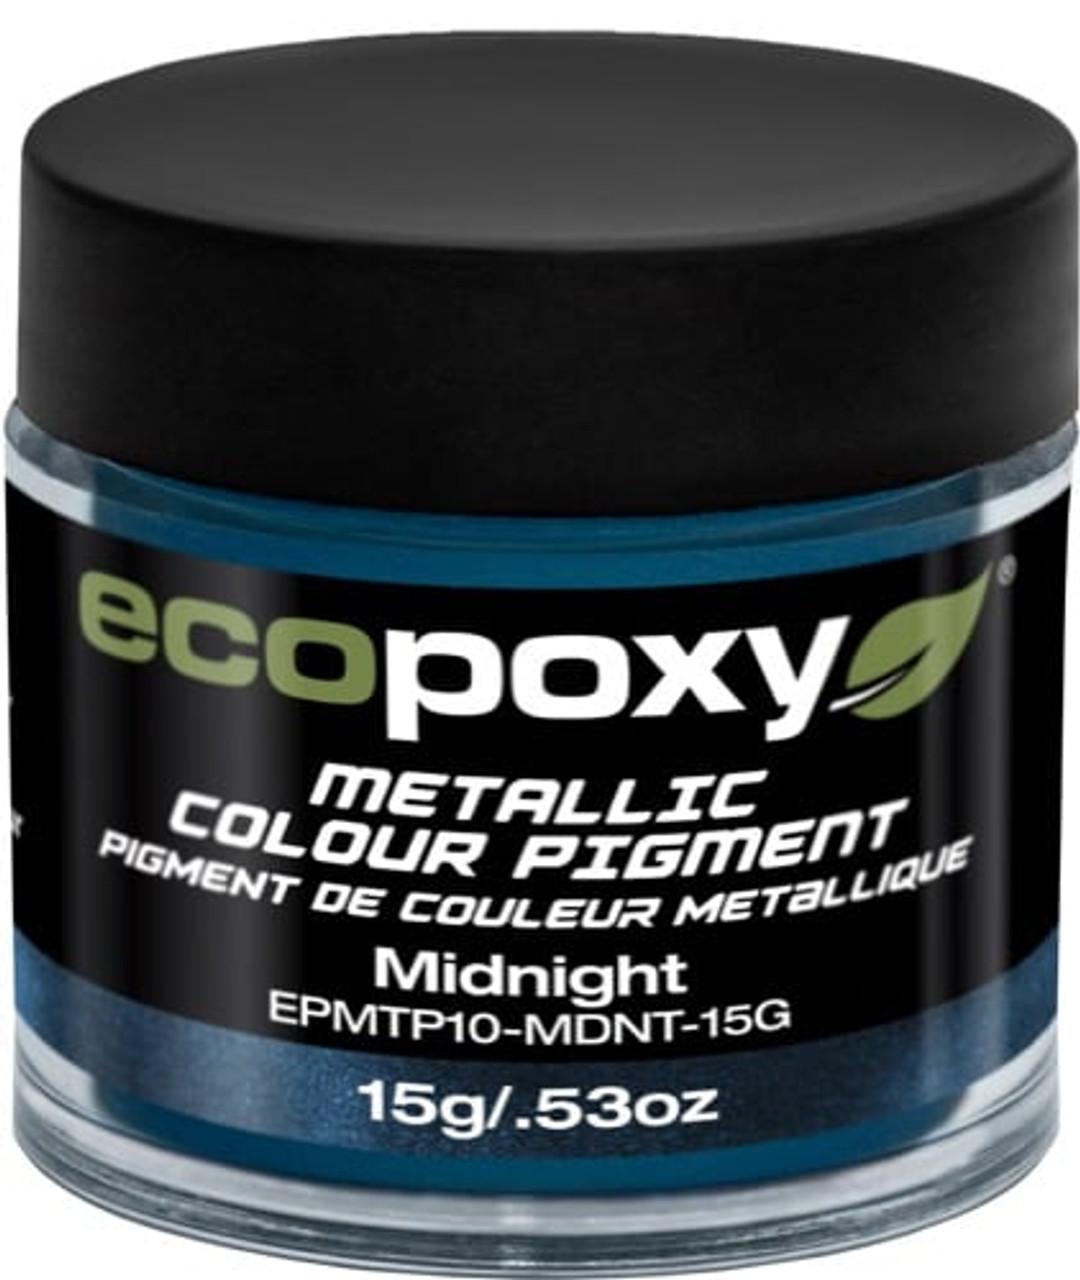 EcoPoxy - 15g Metallic ColorPigment - Midnight (628199908374)